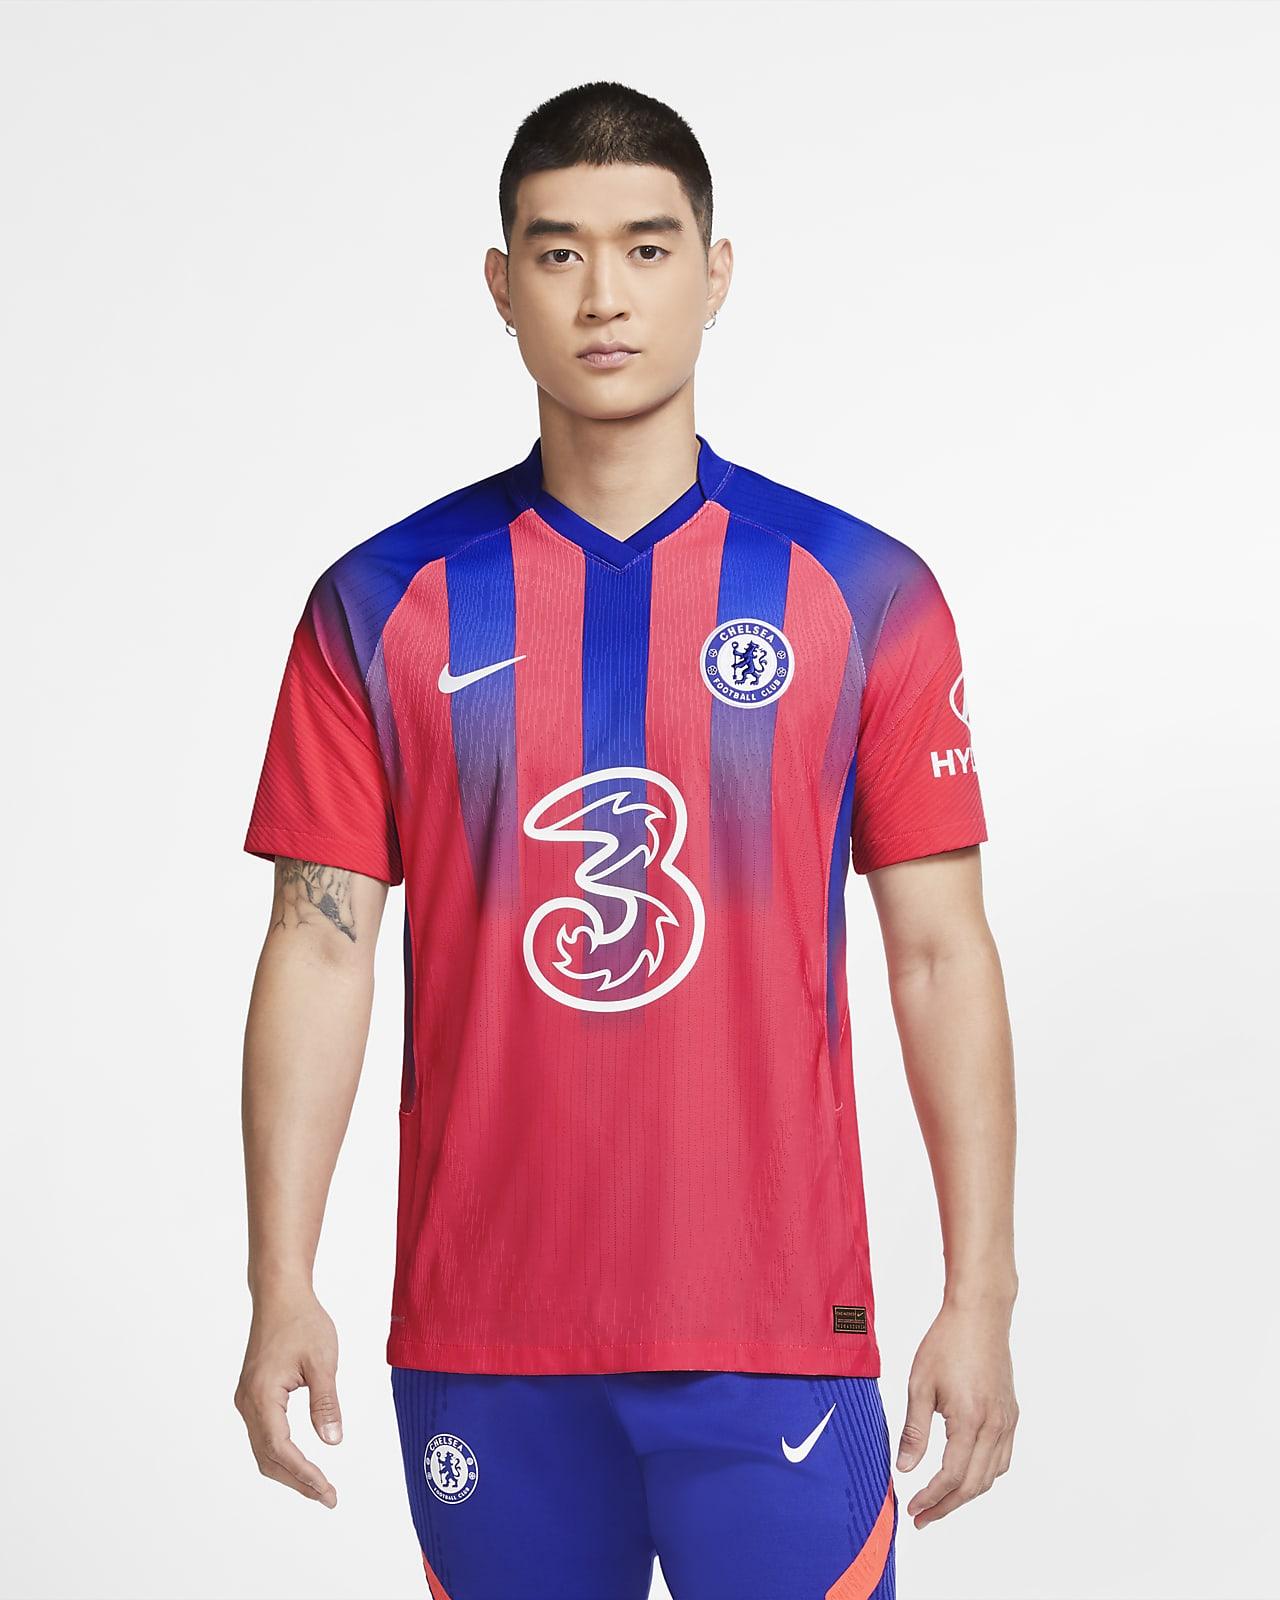 Chelsea F.C.2020/21 Vapor Match Third Men's Football Shirt